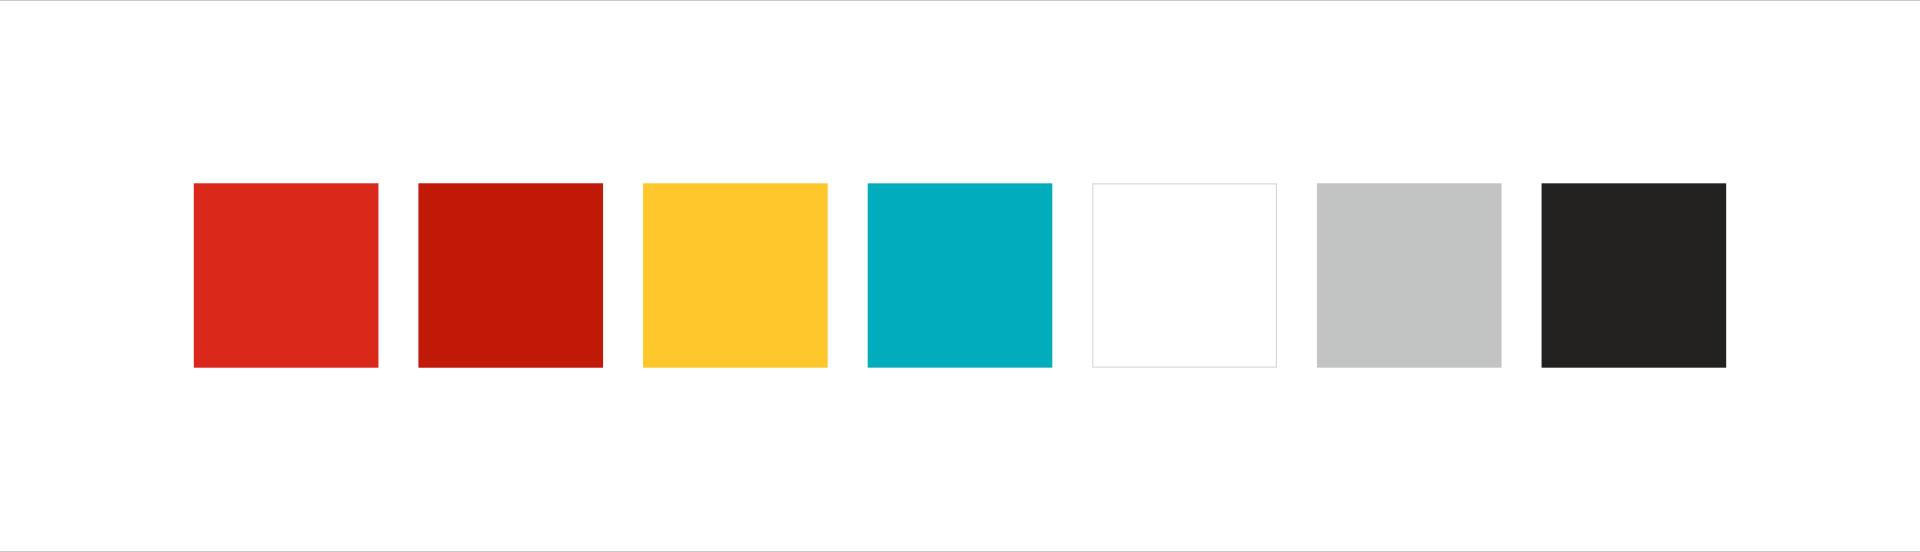 Color palettes.